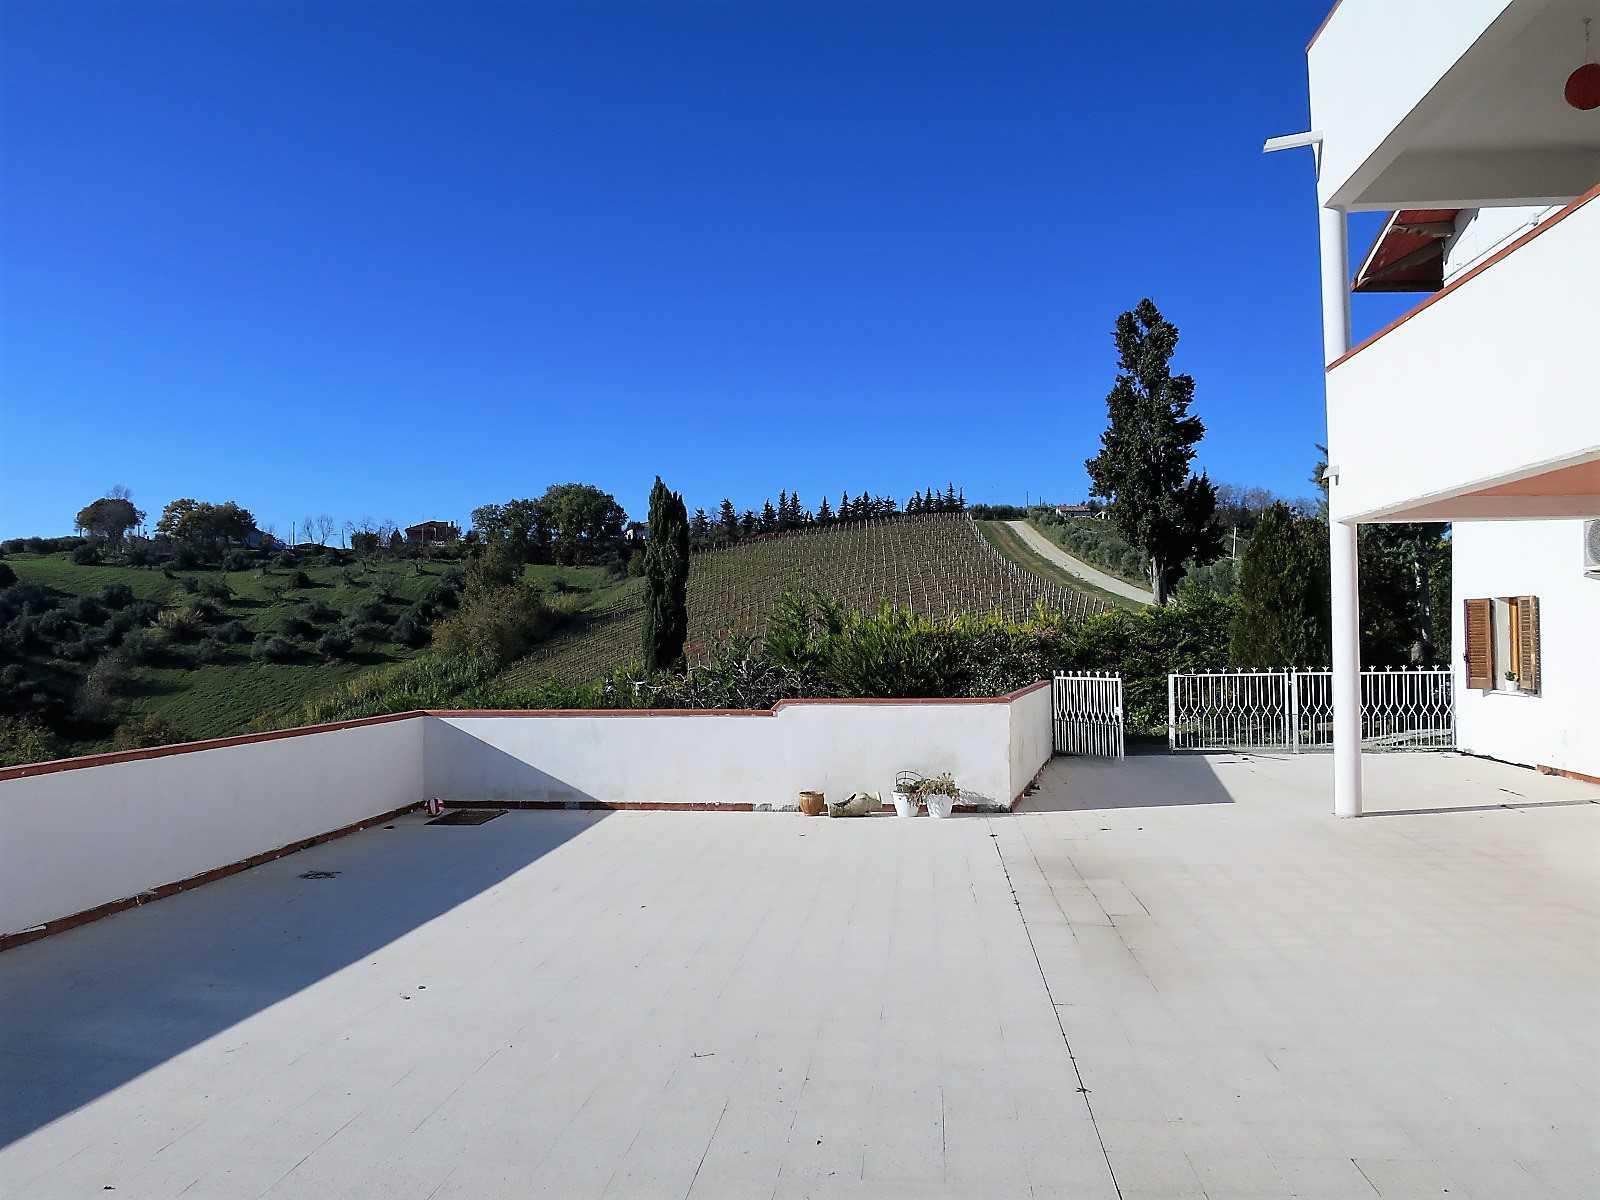 Villa Villa in vendita Notaresco (TE), Villa Vigneto - Notaresco - EUR 382.044 320